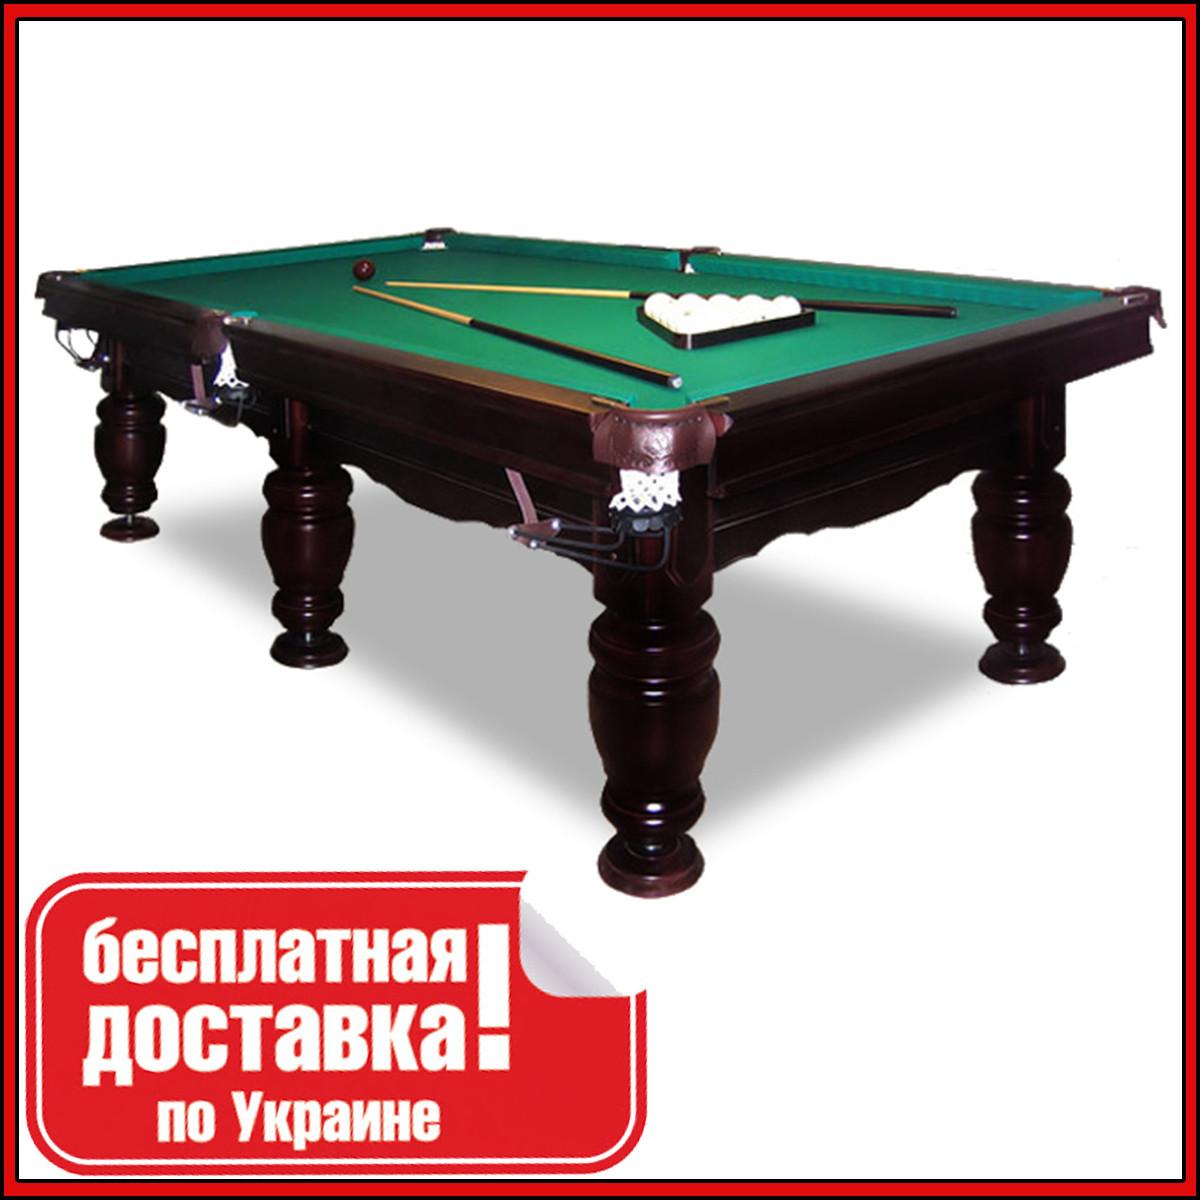 Більярдний стіл для пулу ФЕРЗЬ 8 футів Ардезія* 2.2 м х 1.1 м з натурального дерева